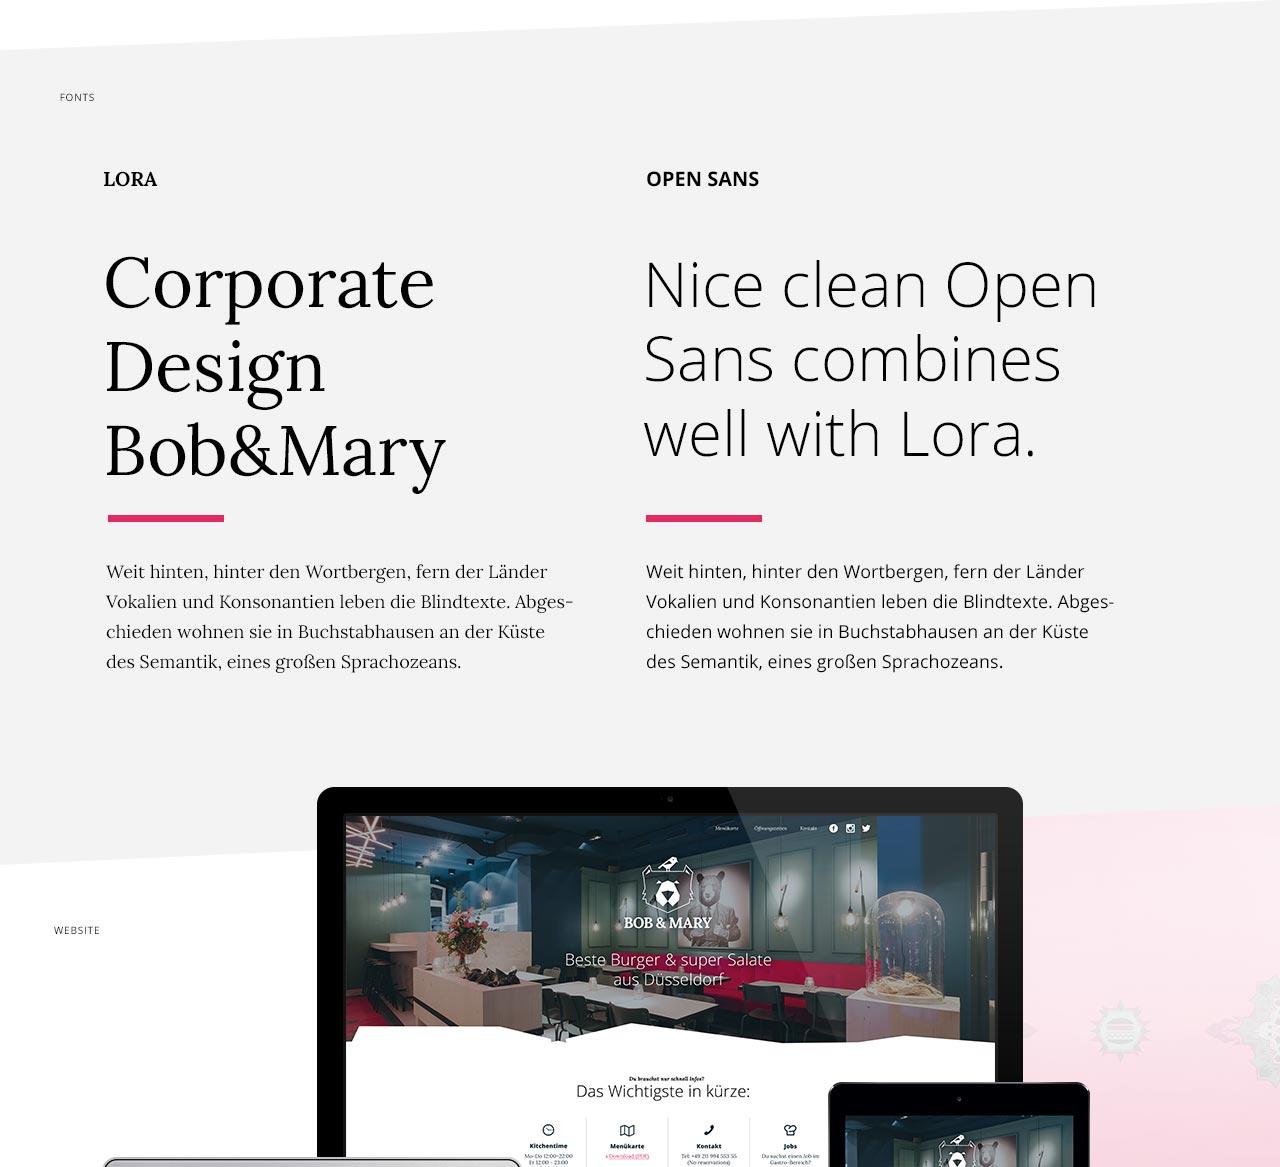 Bob und Mary - Typoauswahl beim Design des Corporate Designs in Düsseldorf